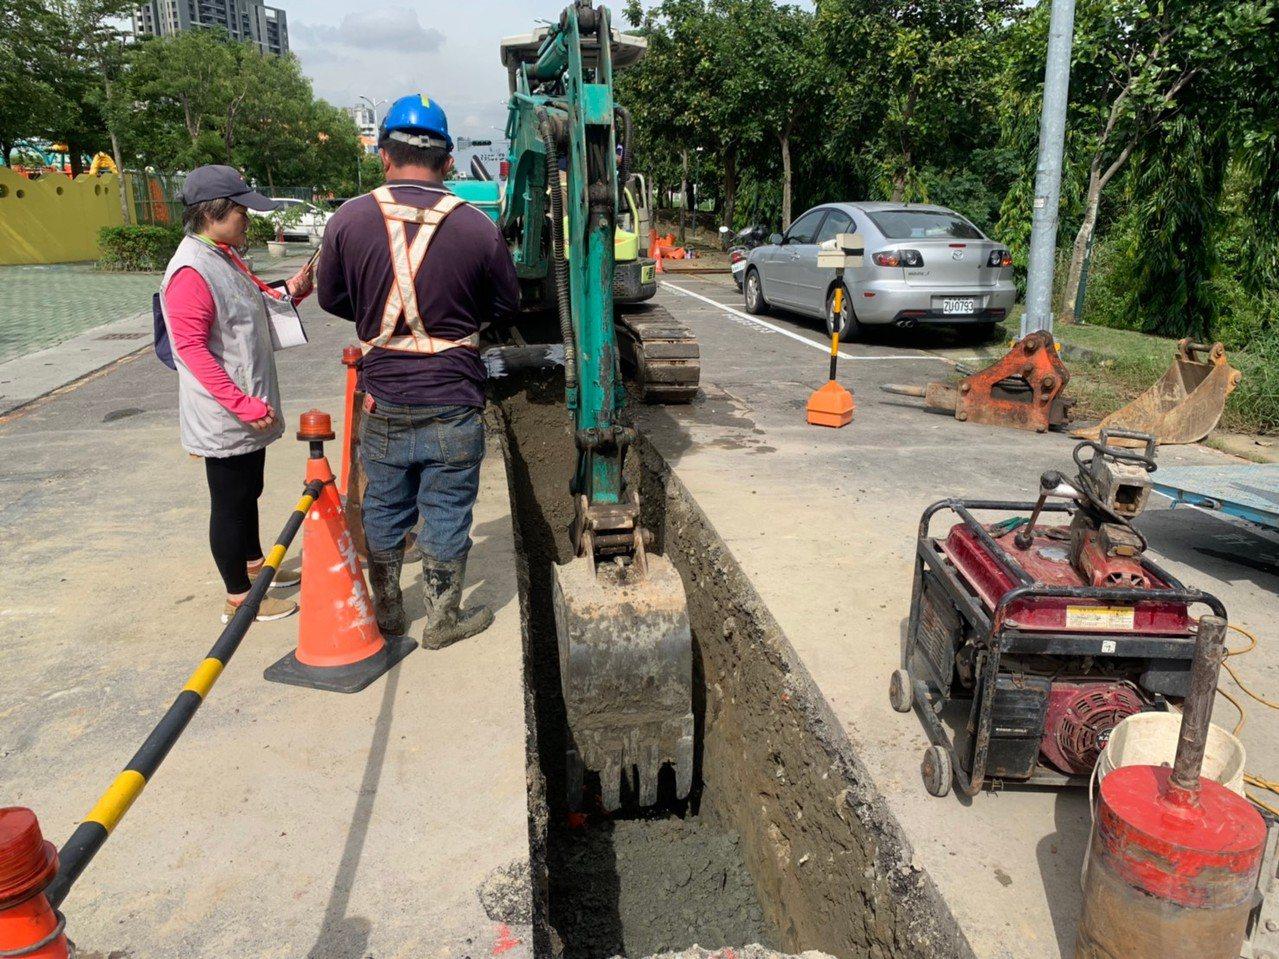 高雄市道路管线挖埋申请案件每年达上万件,高雄是台湾的工业重镇又多了工业管线。施工...